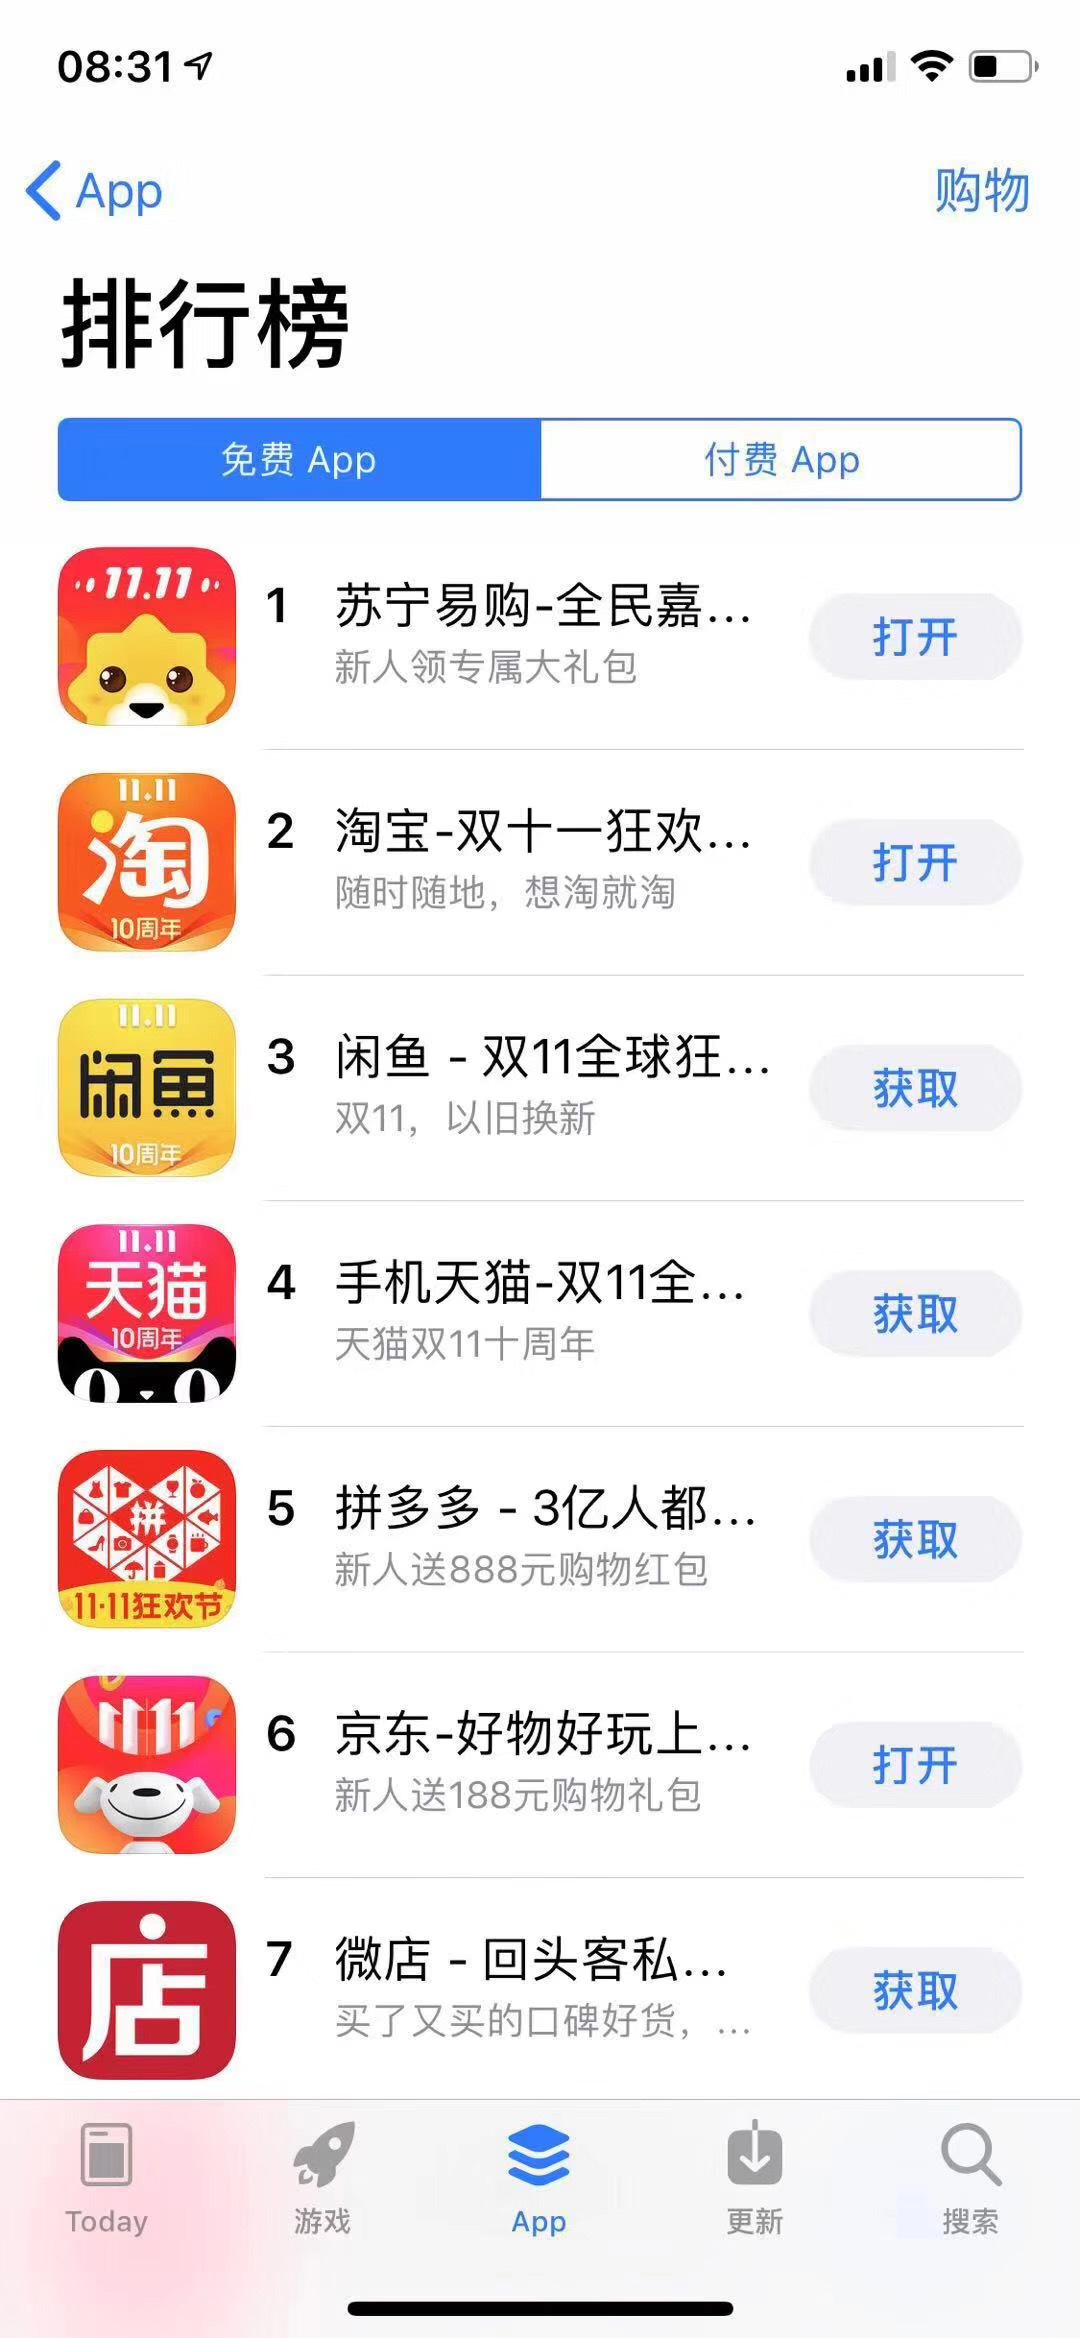 抢跑双十一  苏宁易购喜提苹果App Store NO.1成消费狂欢风向标-